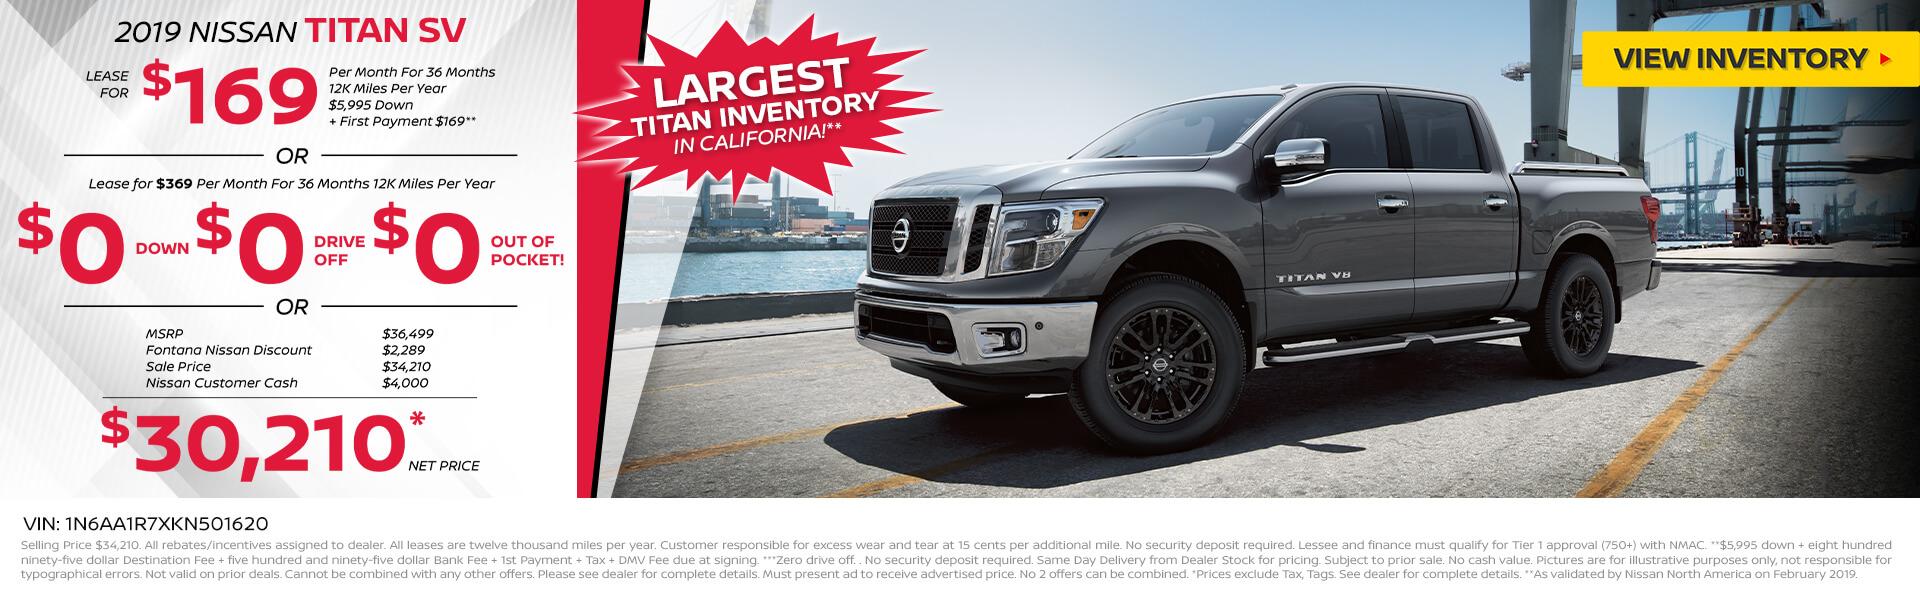 Nissan Titan $169 Lease